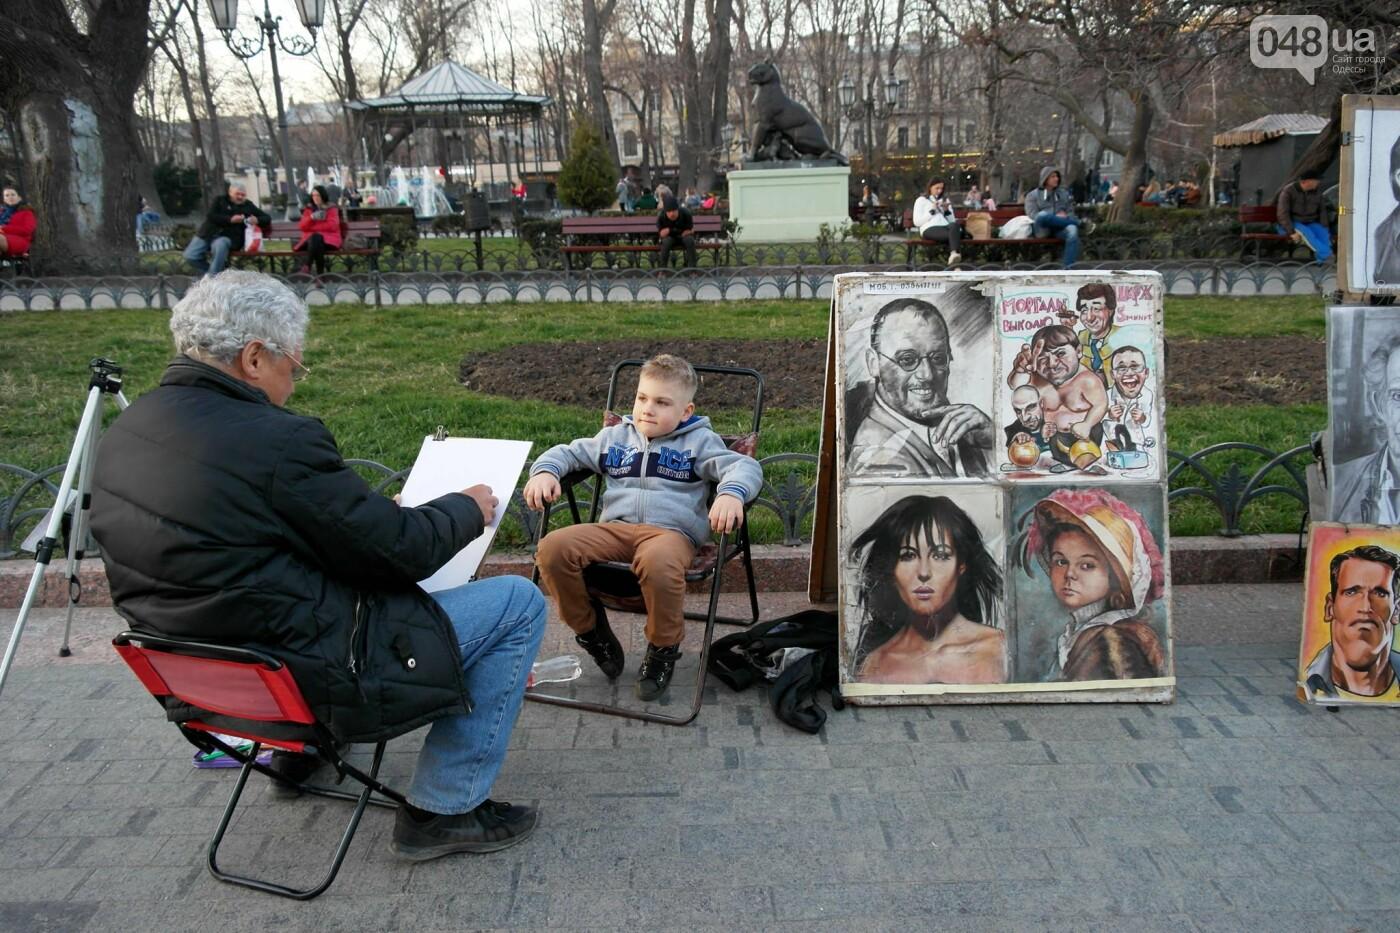 Маски без масок: 1 апреля в Одессе было весело, несмотря на карантин,- ФОТОРЕПОРТАЖ, фото-23